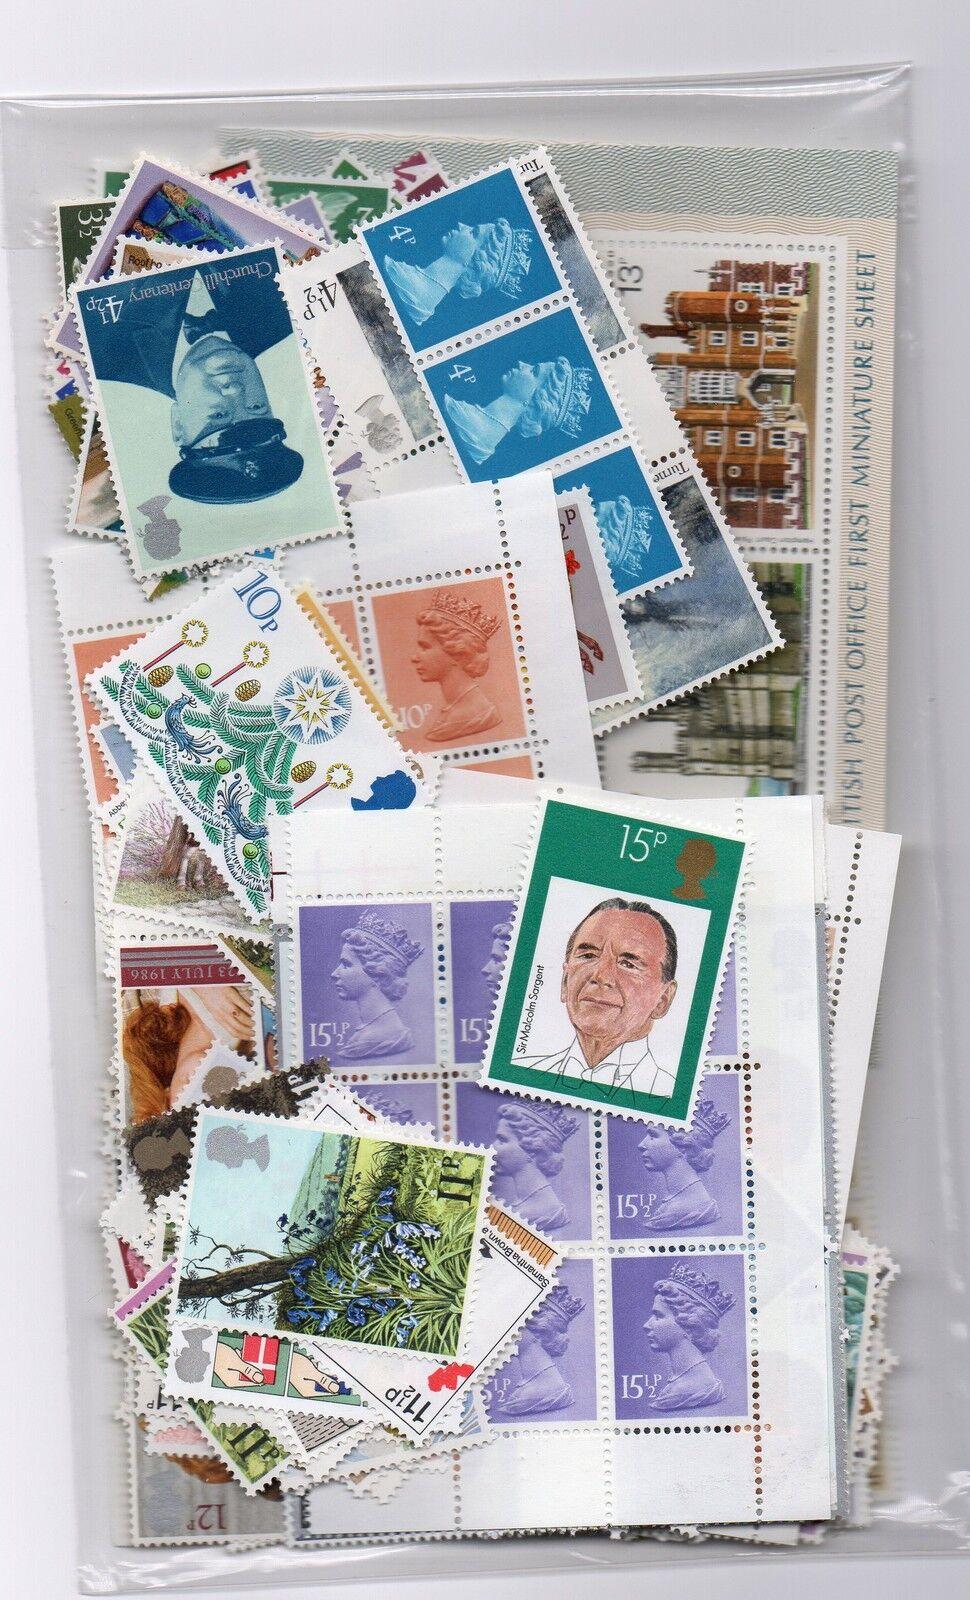 GB mint lower value decimal stamps £20 face. Gummed postage. 100% legal